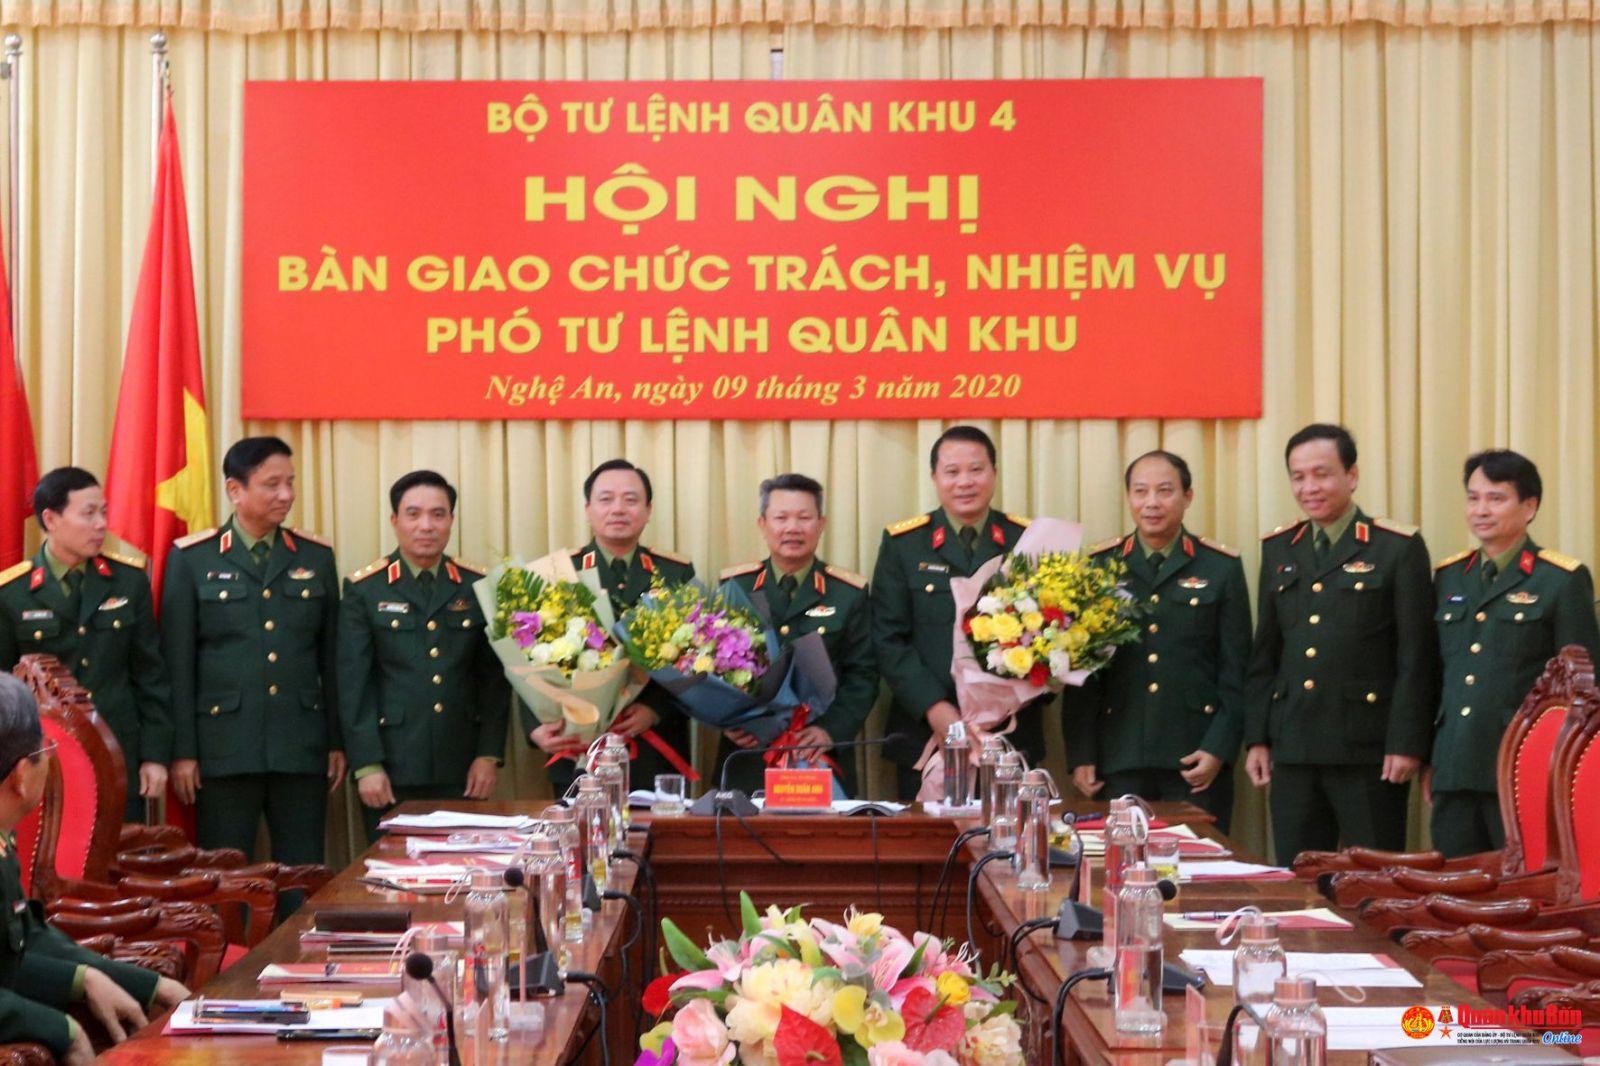 Thủ Tướng Chinh Phủ điều động Va Bổ Nhiệm Chức Vụ Pho Tư Lệnh Quan Khu 4